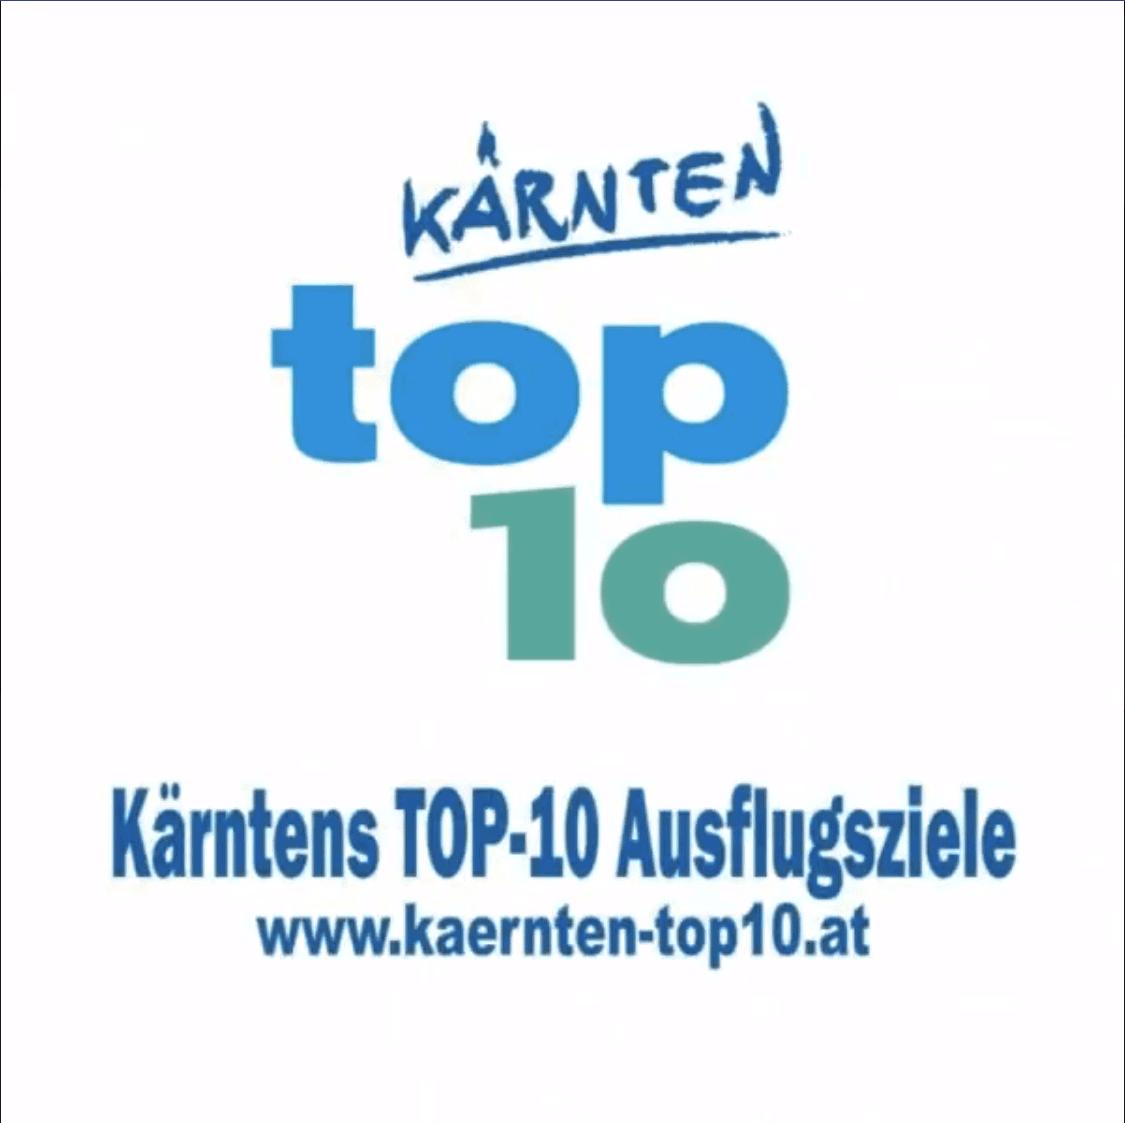 Ausflugsziele Region Villach Faaker Ossiacher See und Gerlitzen von Kärntens TOP-10 - Logo